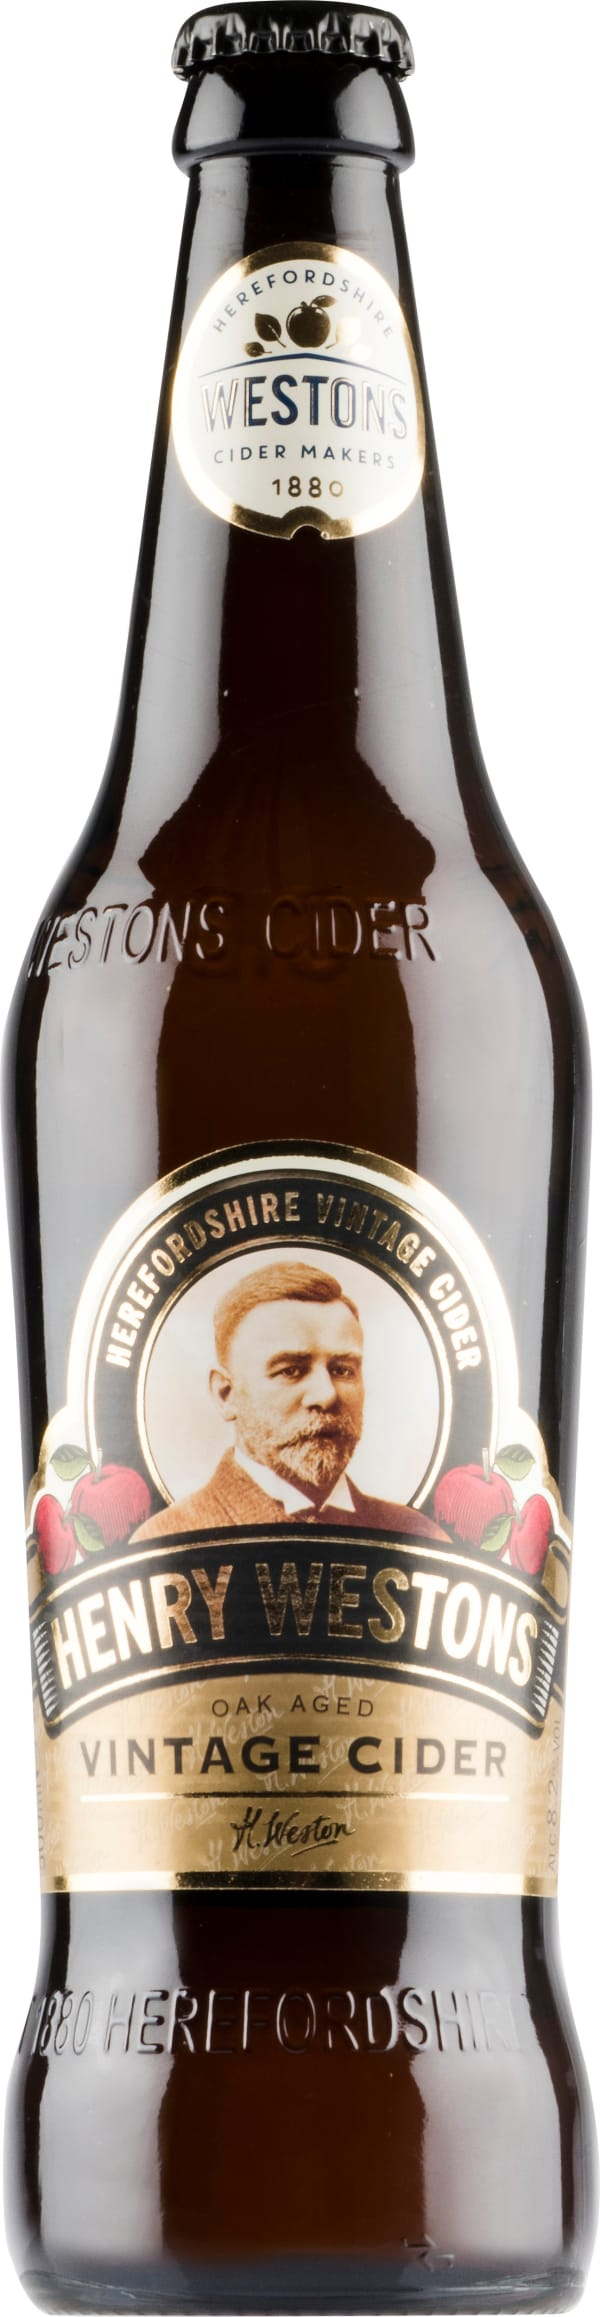 Henry Westons Vintage Cider 2017